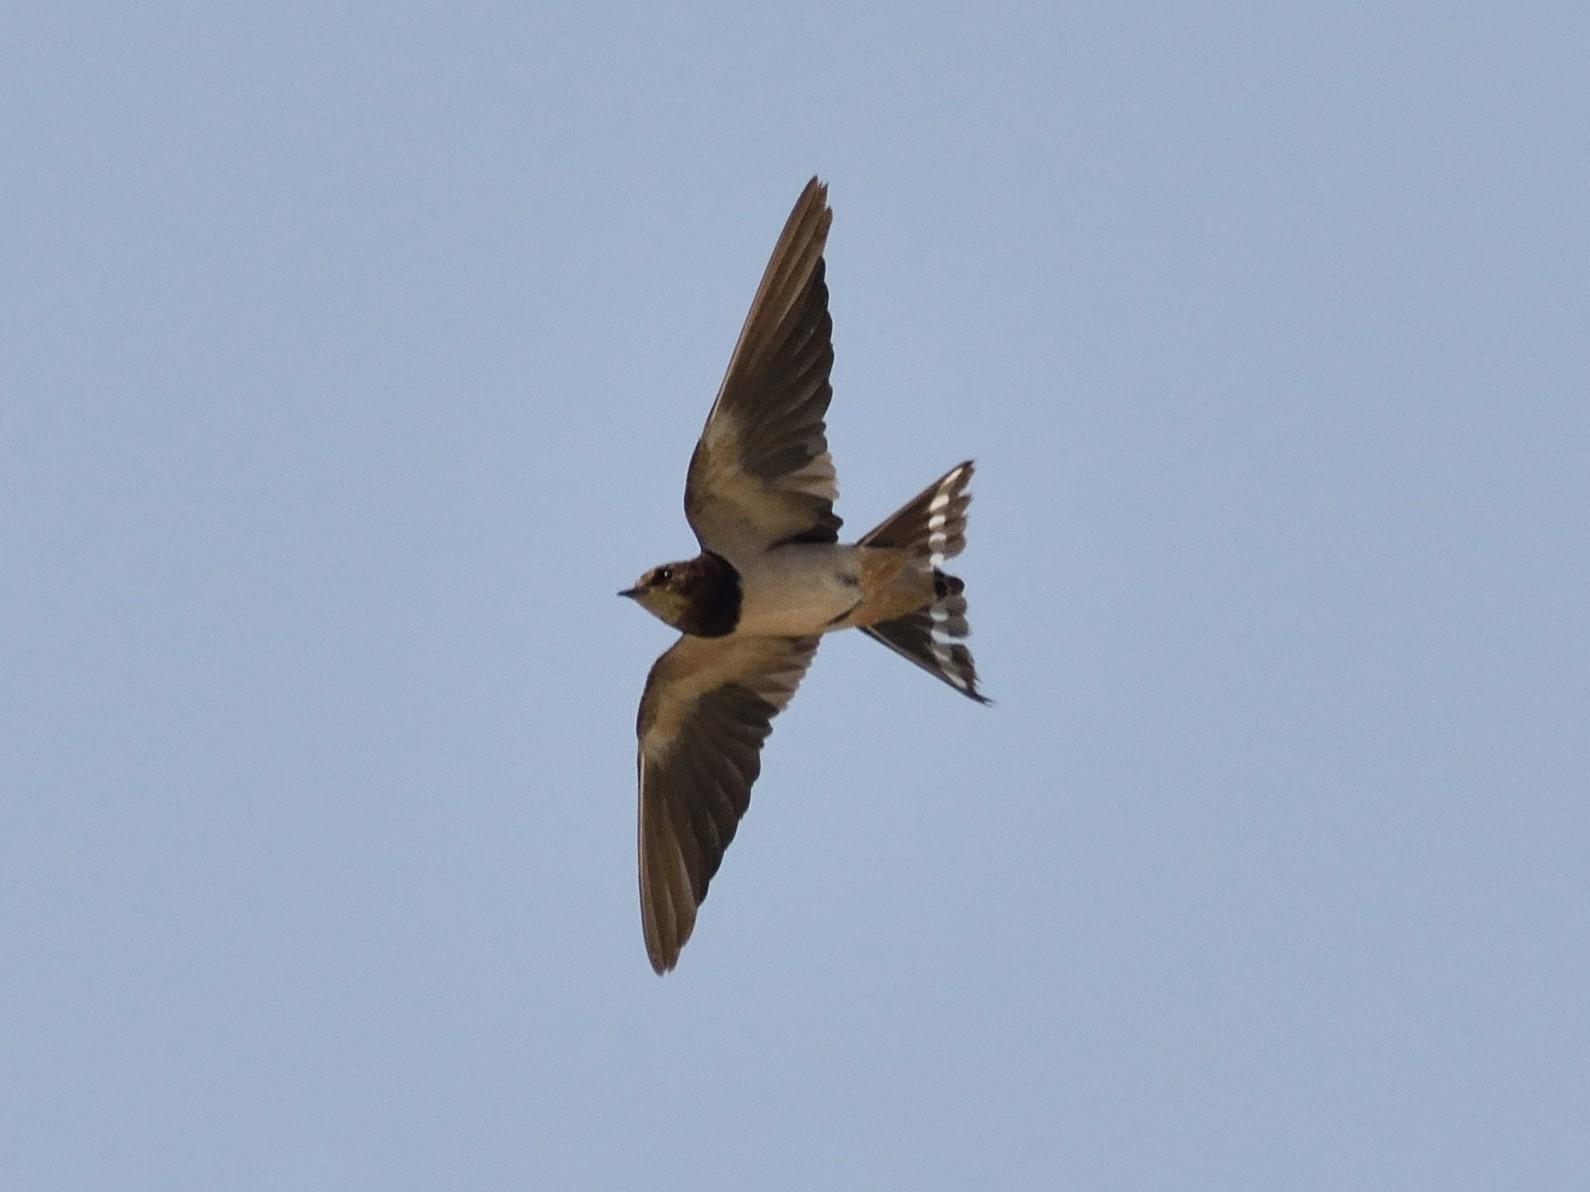 Angola Swallow - Santiago Caballero Carrera